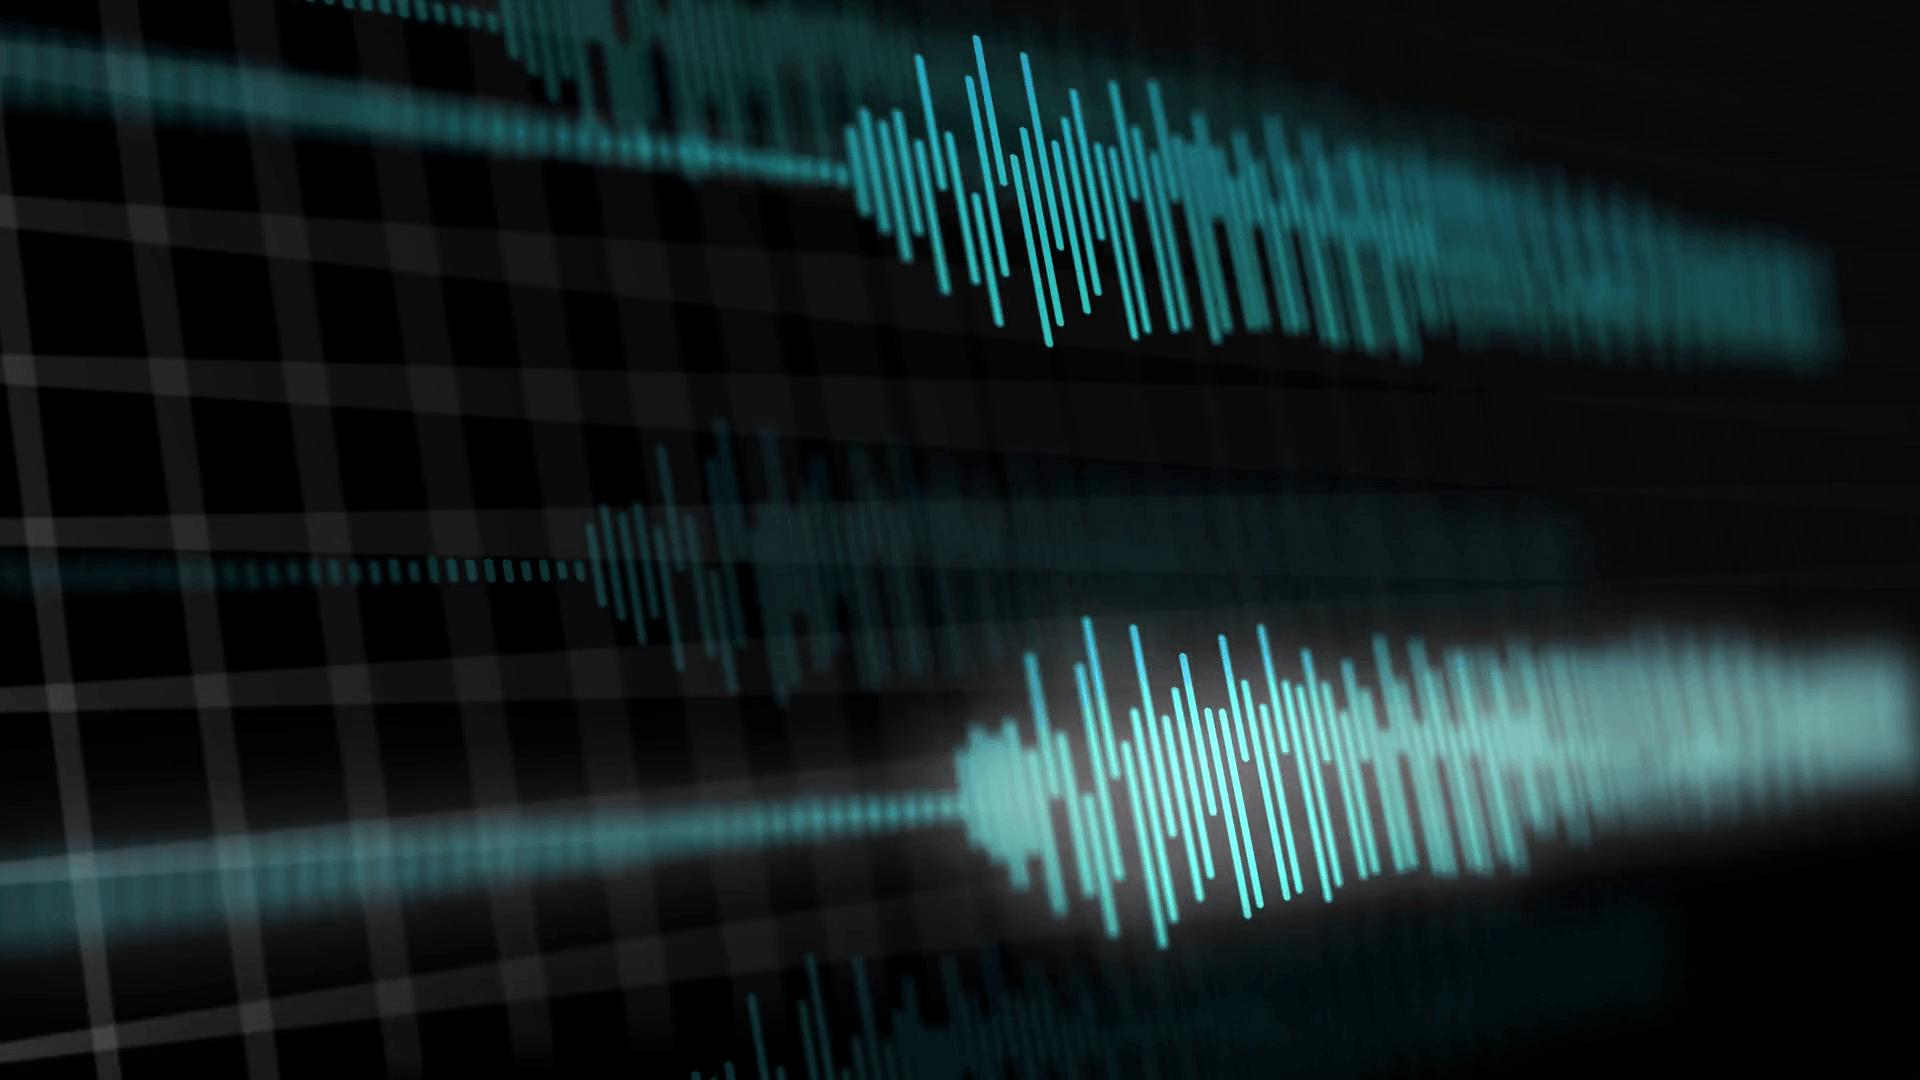 Spectrum wallpapers top free spectrum backgrounds - Audio wallpaper ...